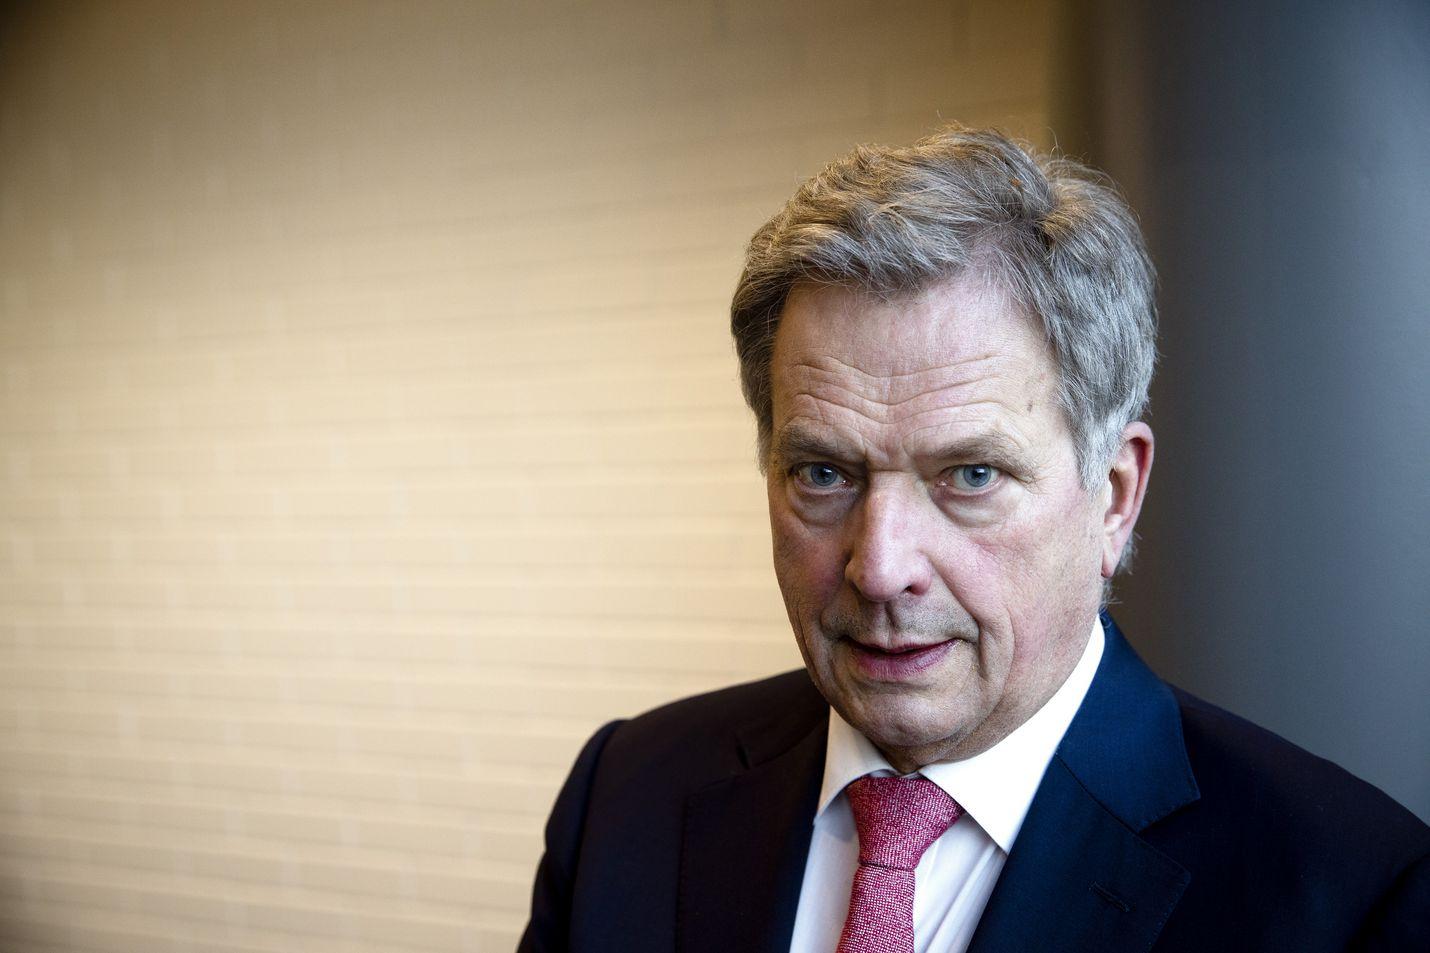 Presidentti Sauli Niinistö aroistakin asioista tarvitaan avointa ja asiallista keskustelua.